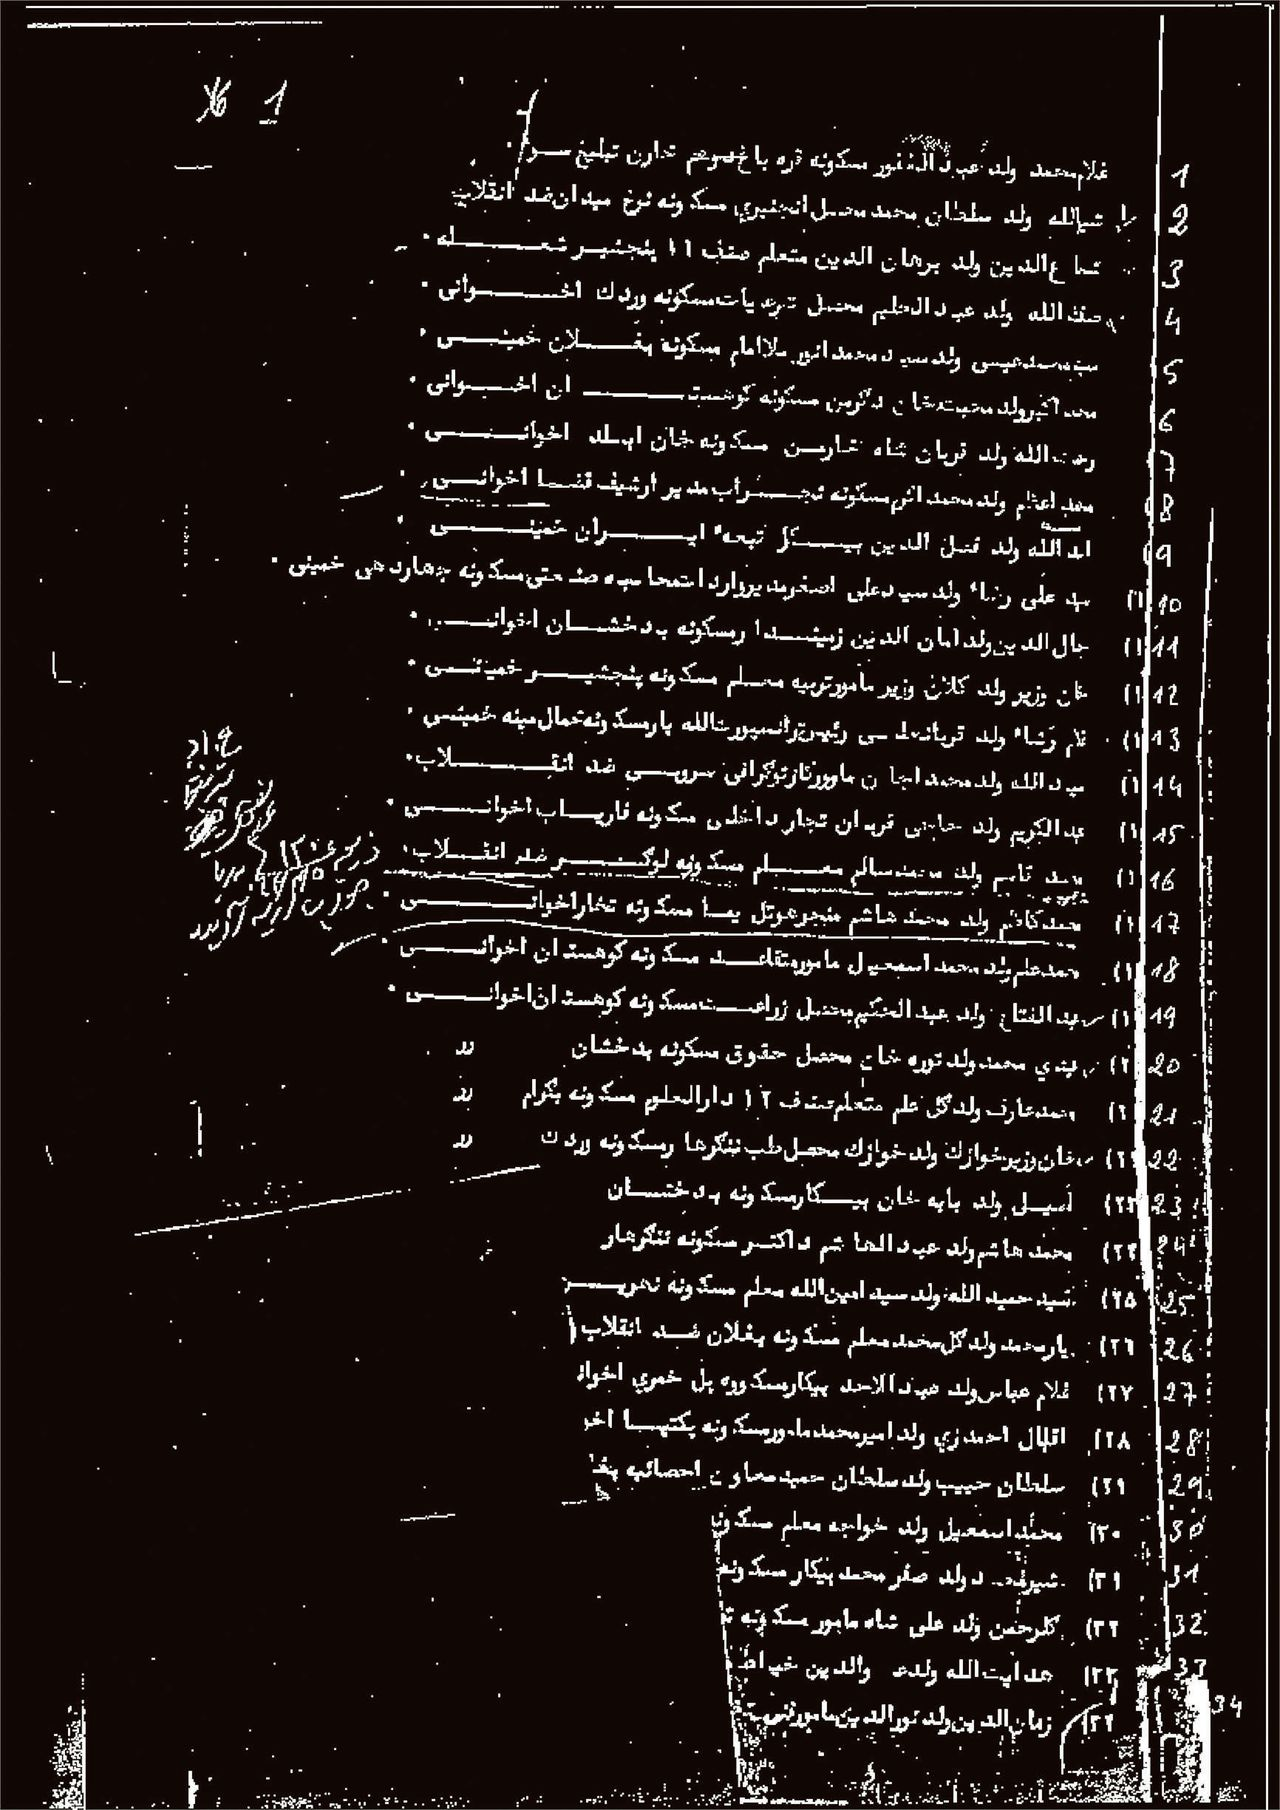 De Afghaanse dodenlijst bestaat uit 154 pagina's in het Dari met de namen van ongeveer 4.700 mensen die in 1978 en 1979 opdracht van de Afghaanse overheid zijn geëxecuteerd. De namen staan op alfabetische volgorde.